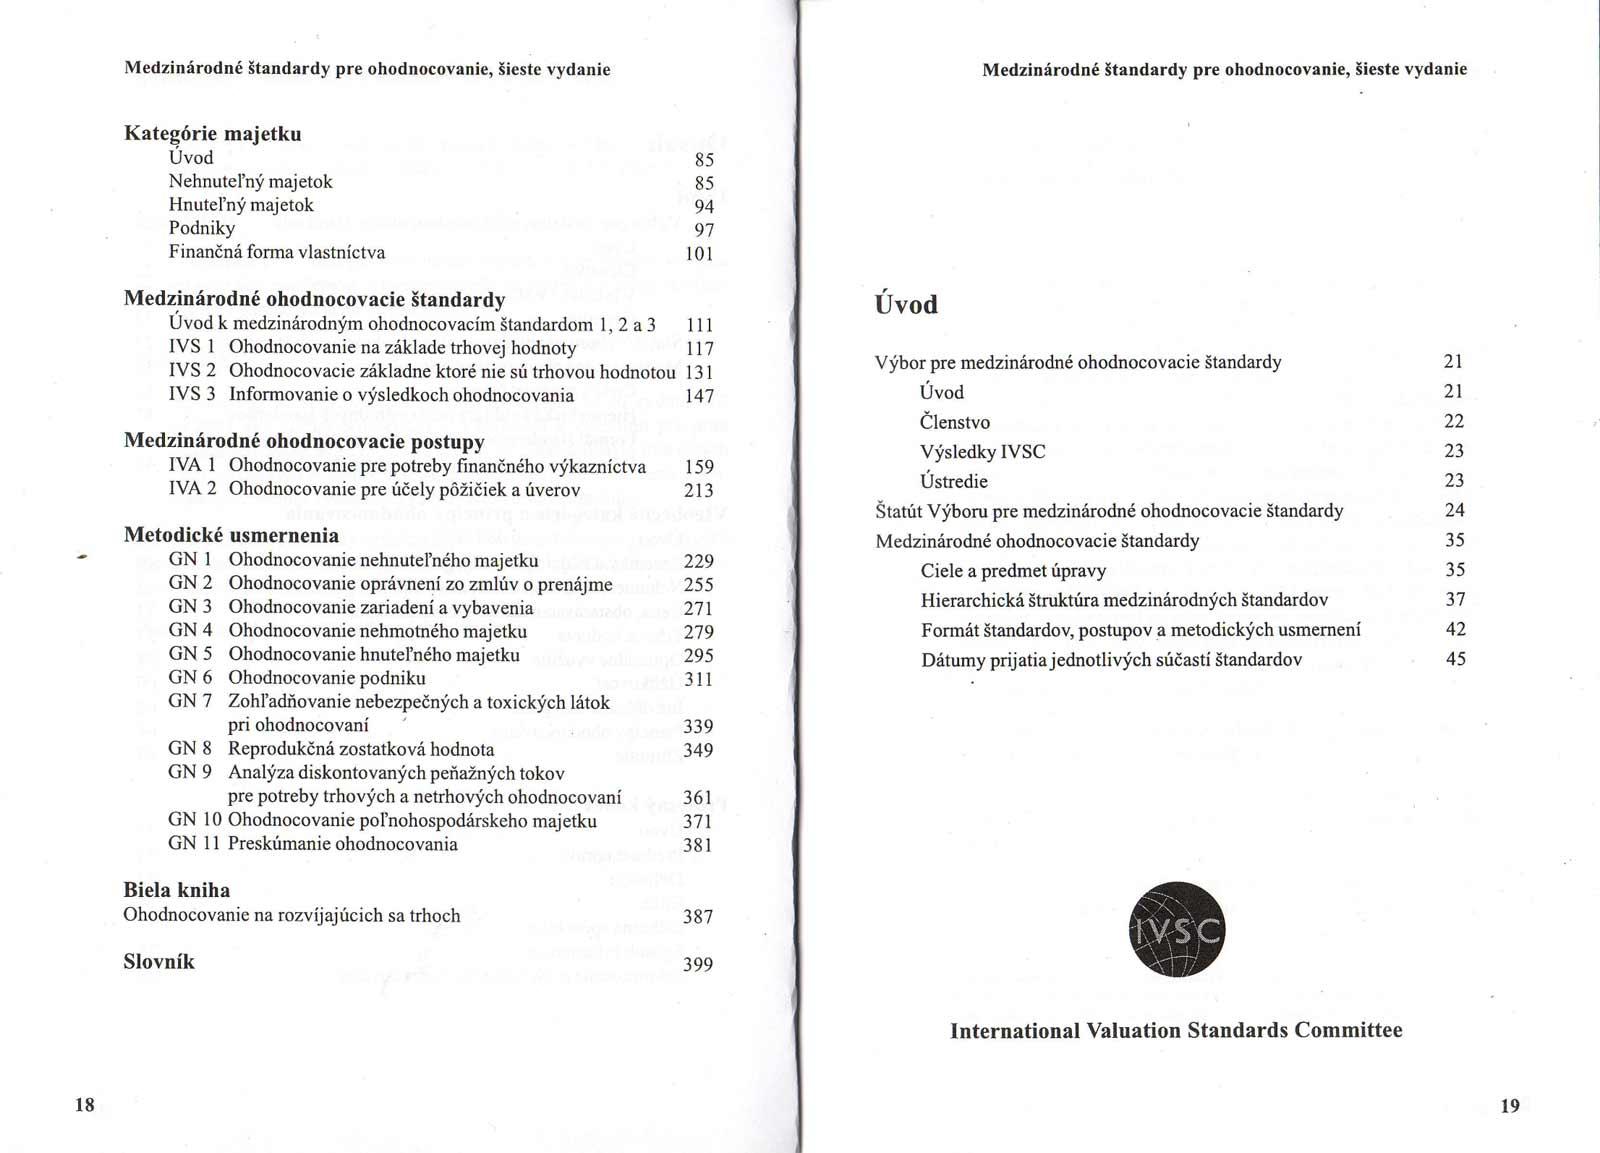 medzinarodne-ohodnocovacie-standardy-01